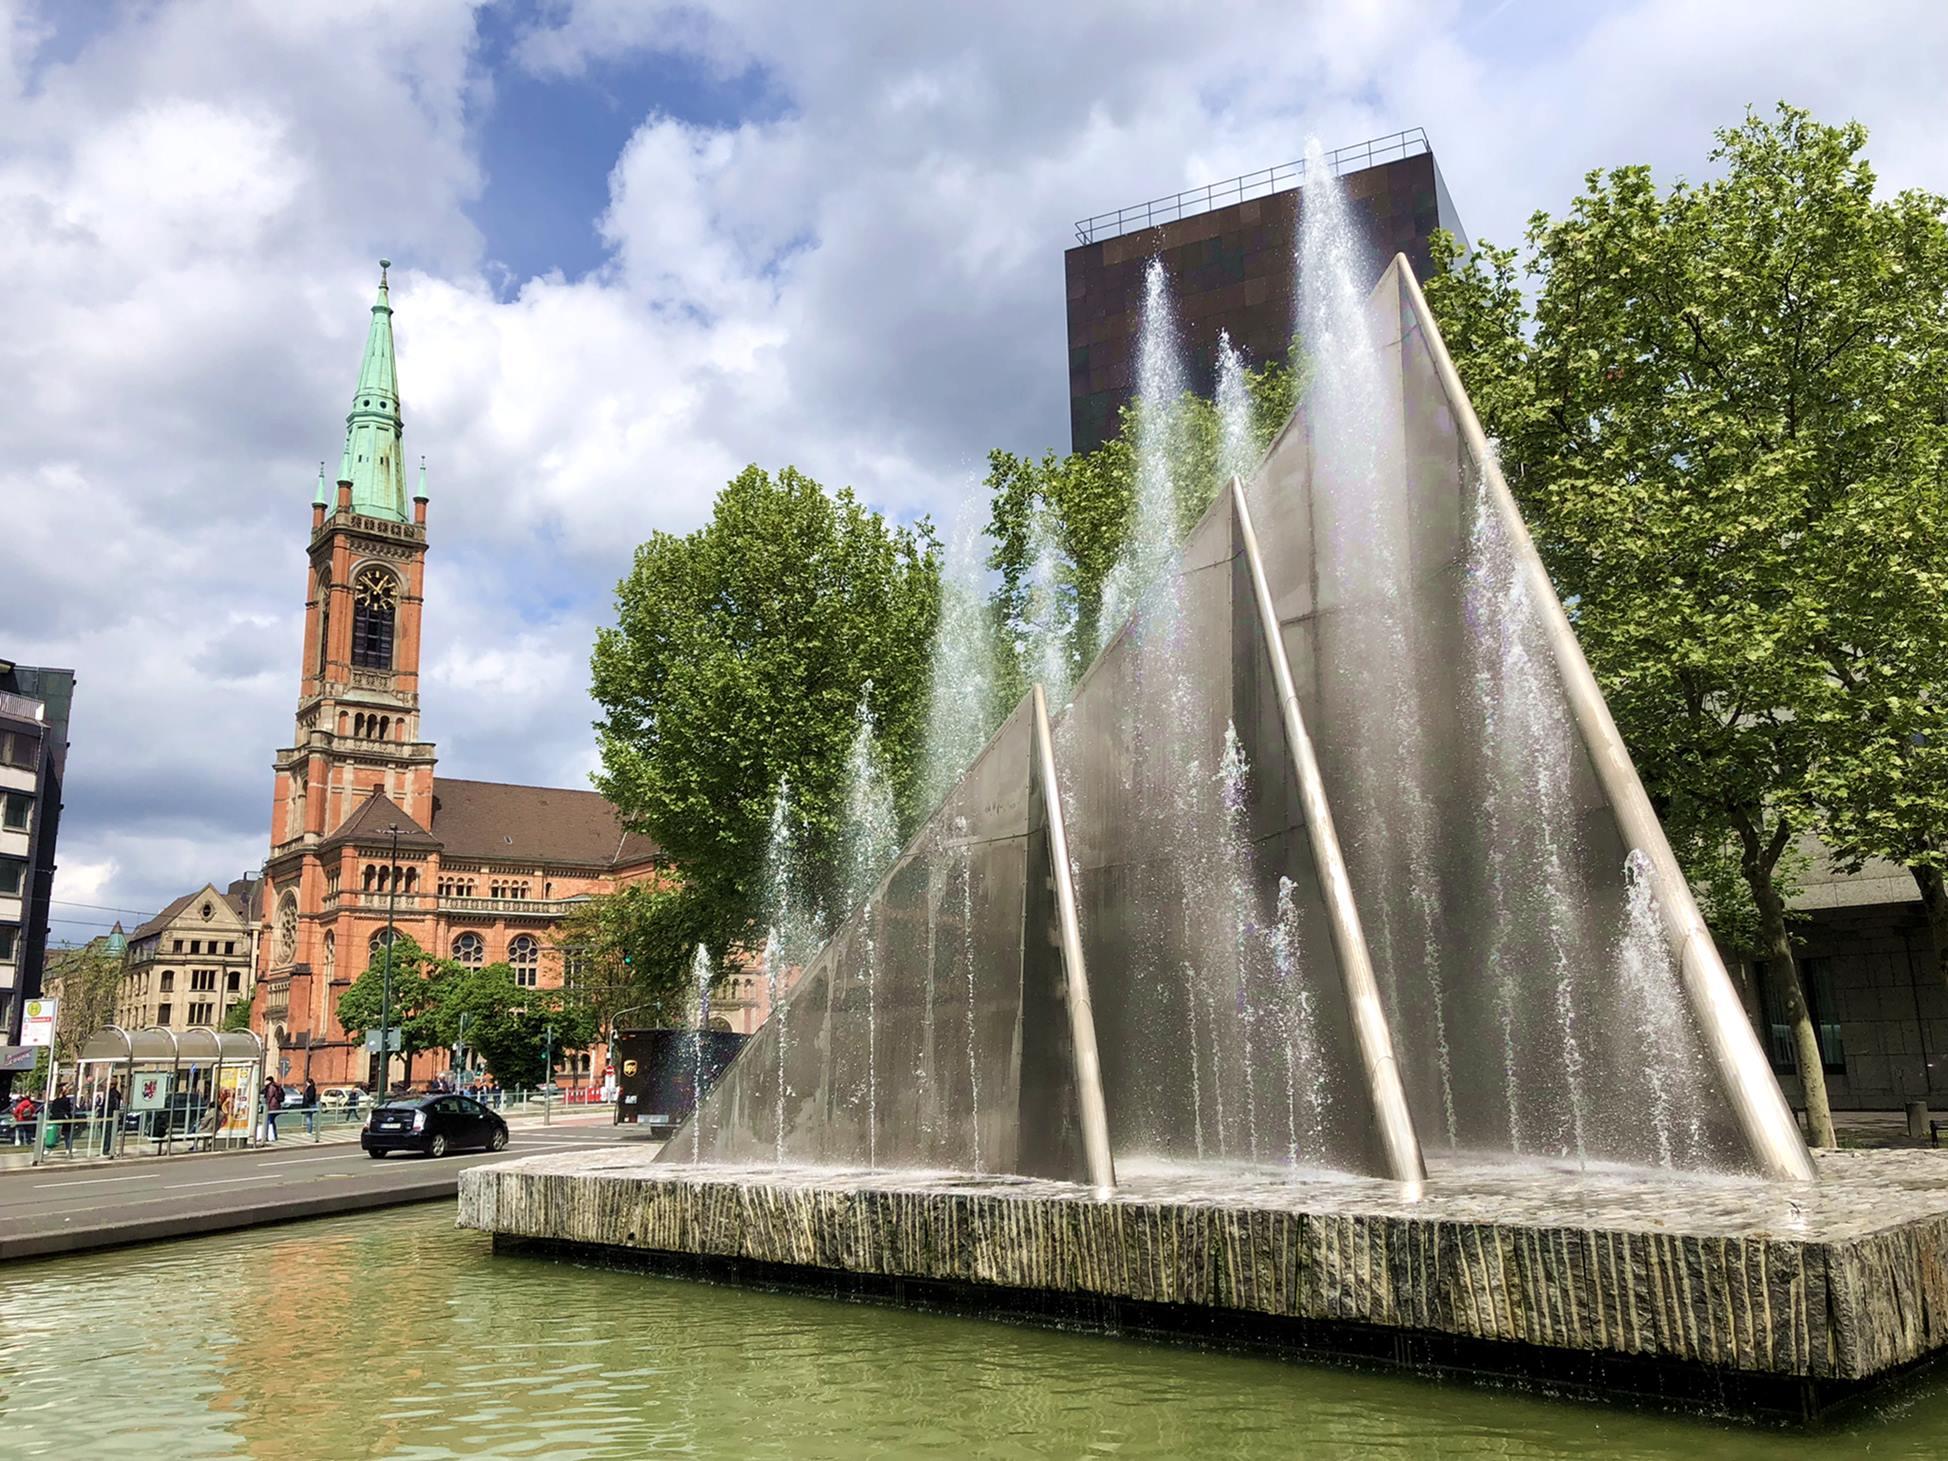 dusseldorf_alemanha_johanneskirche